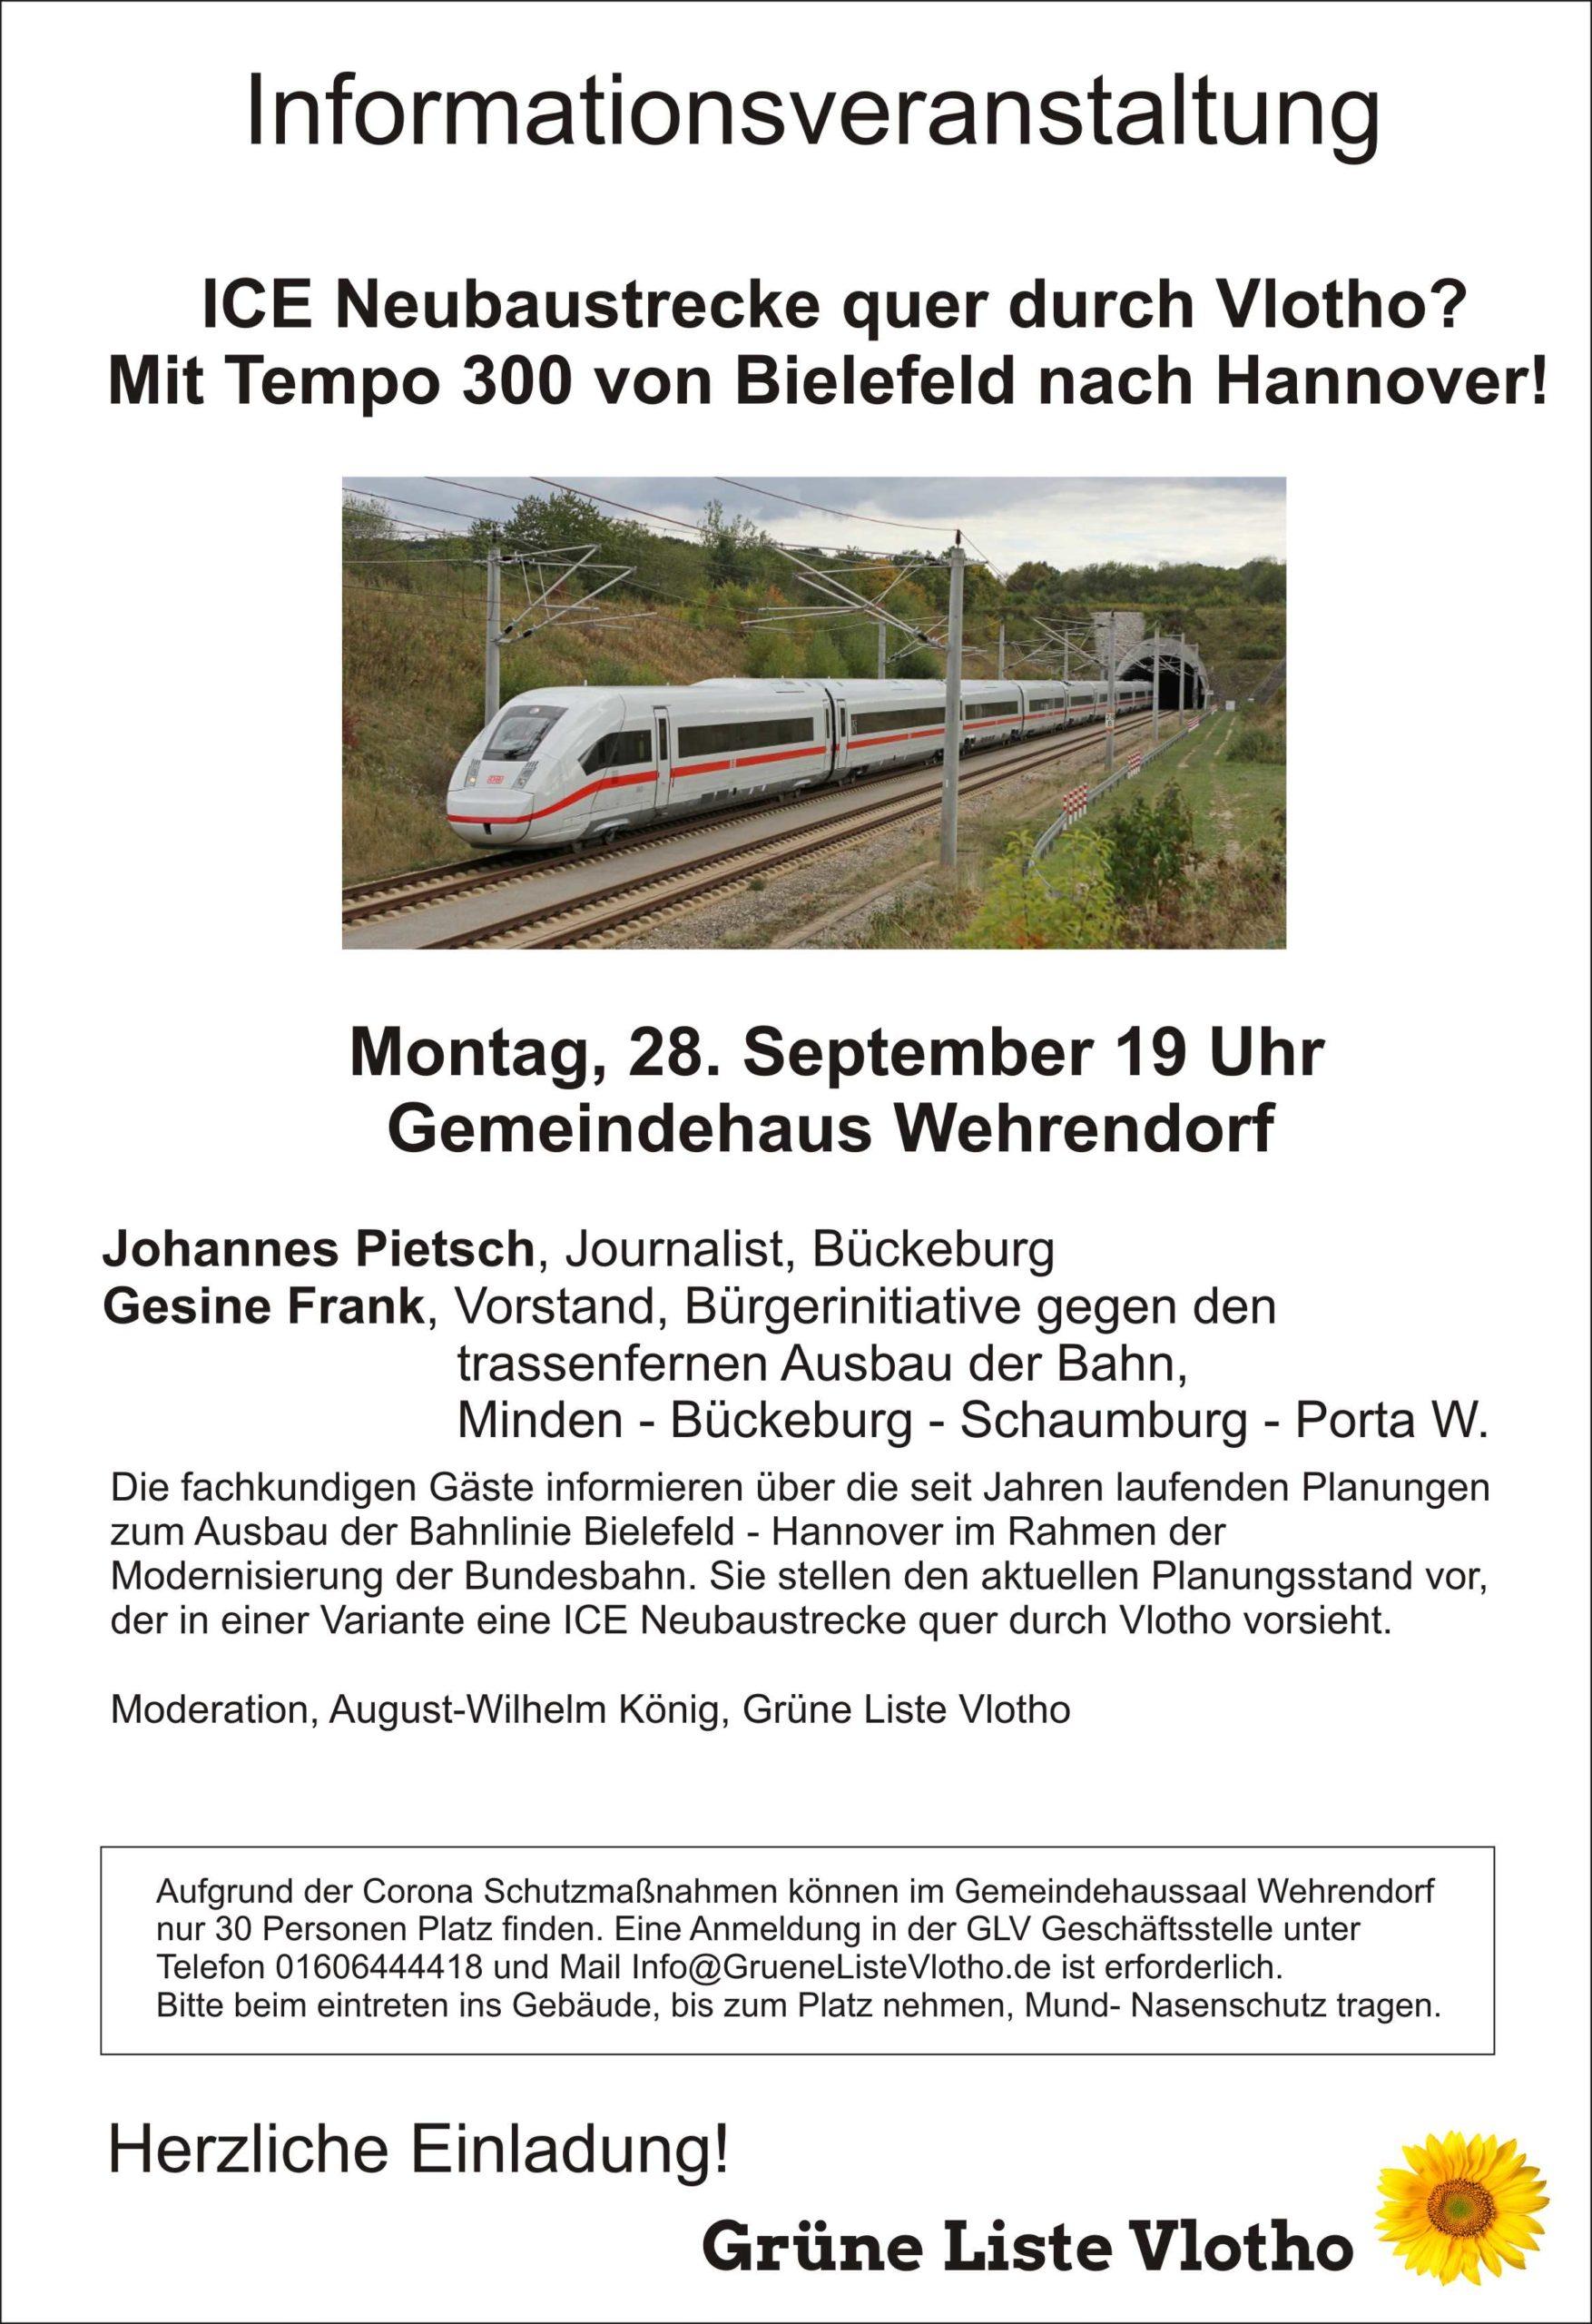 Flyer Infoveranstaltung - 28.09.2020